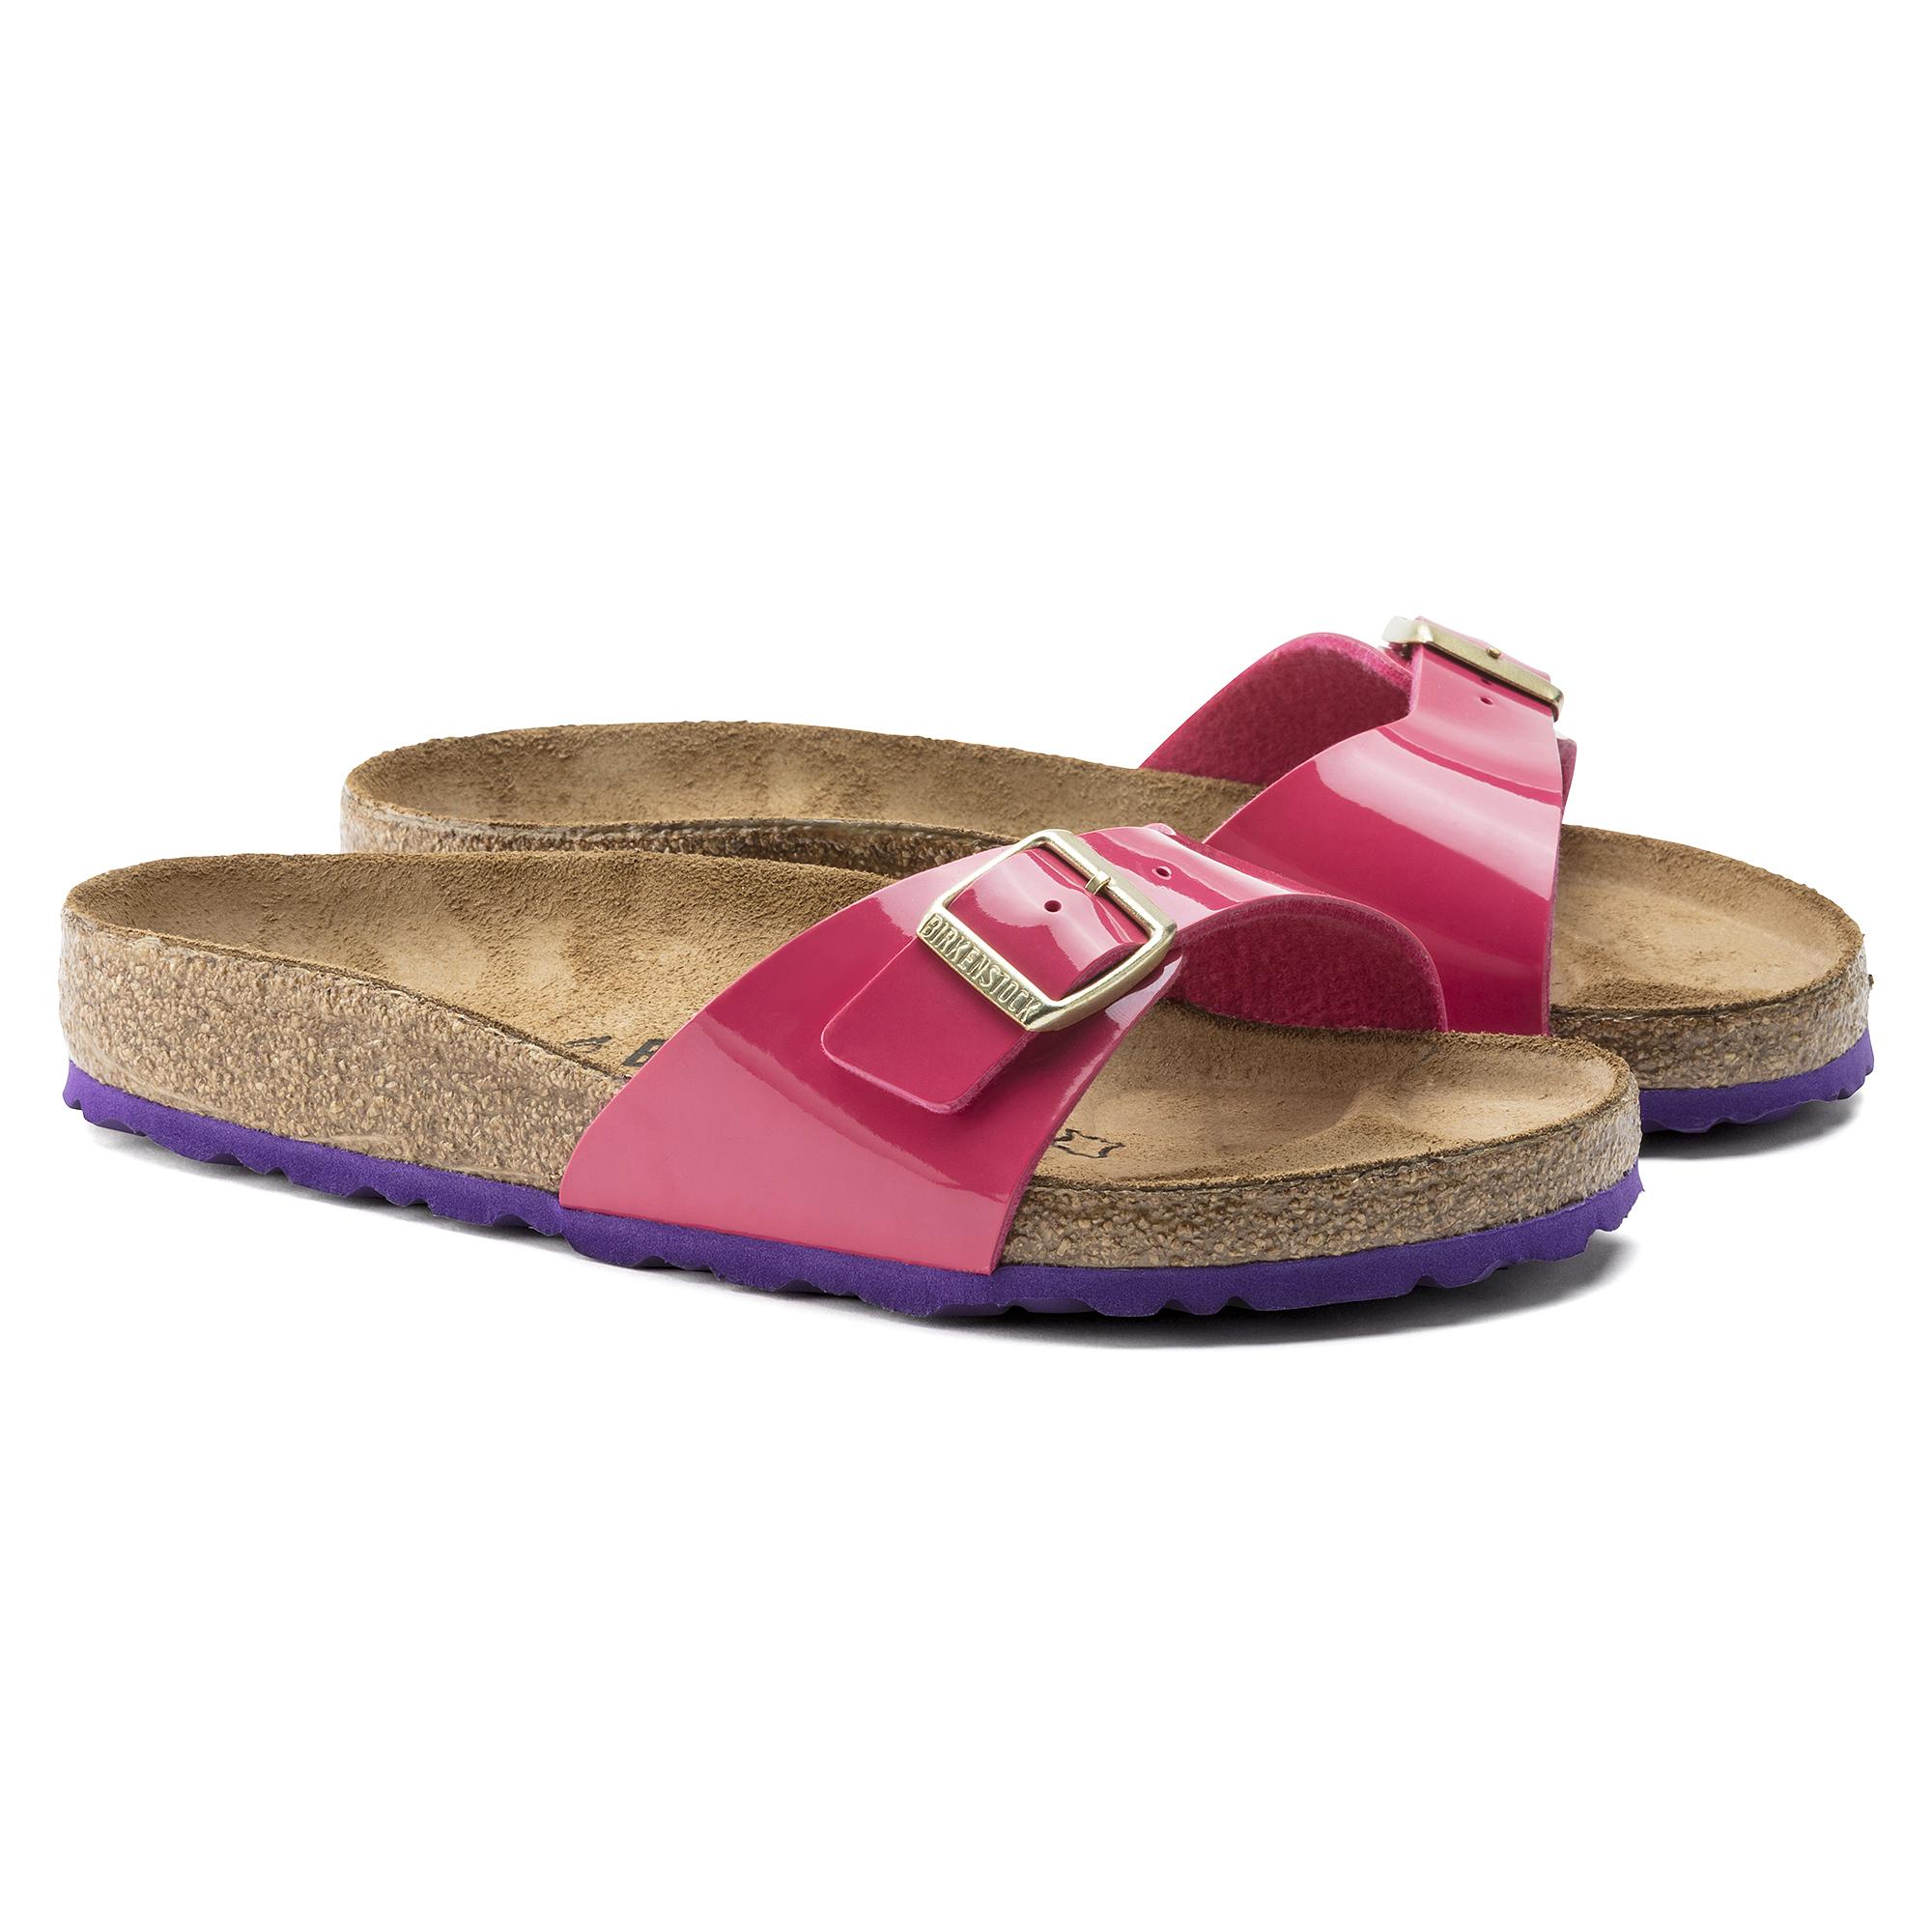 Madrid Birko Flor Patent Lack Pink